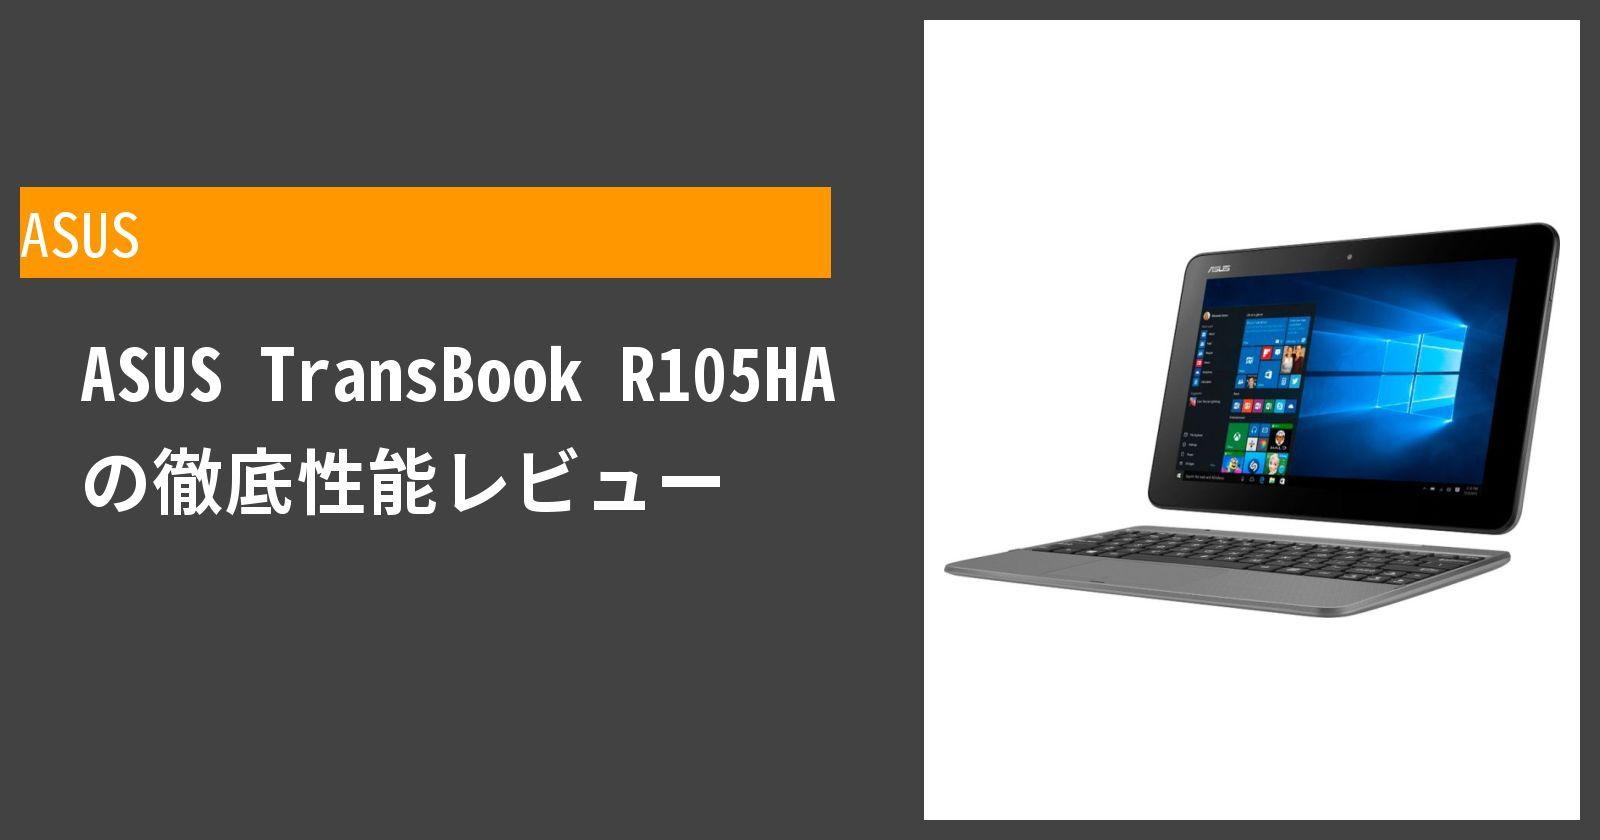 ASUS TransBook R105HA の徹底性能レビュー